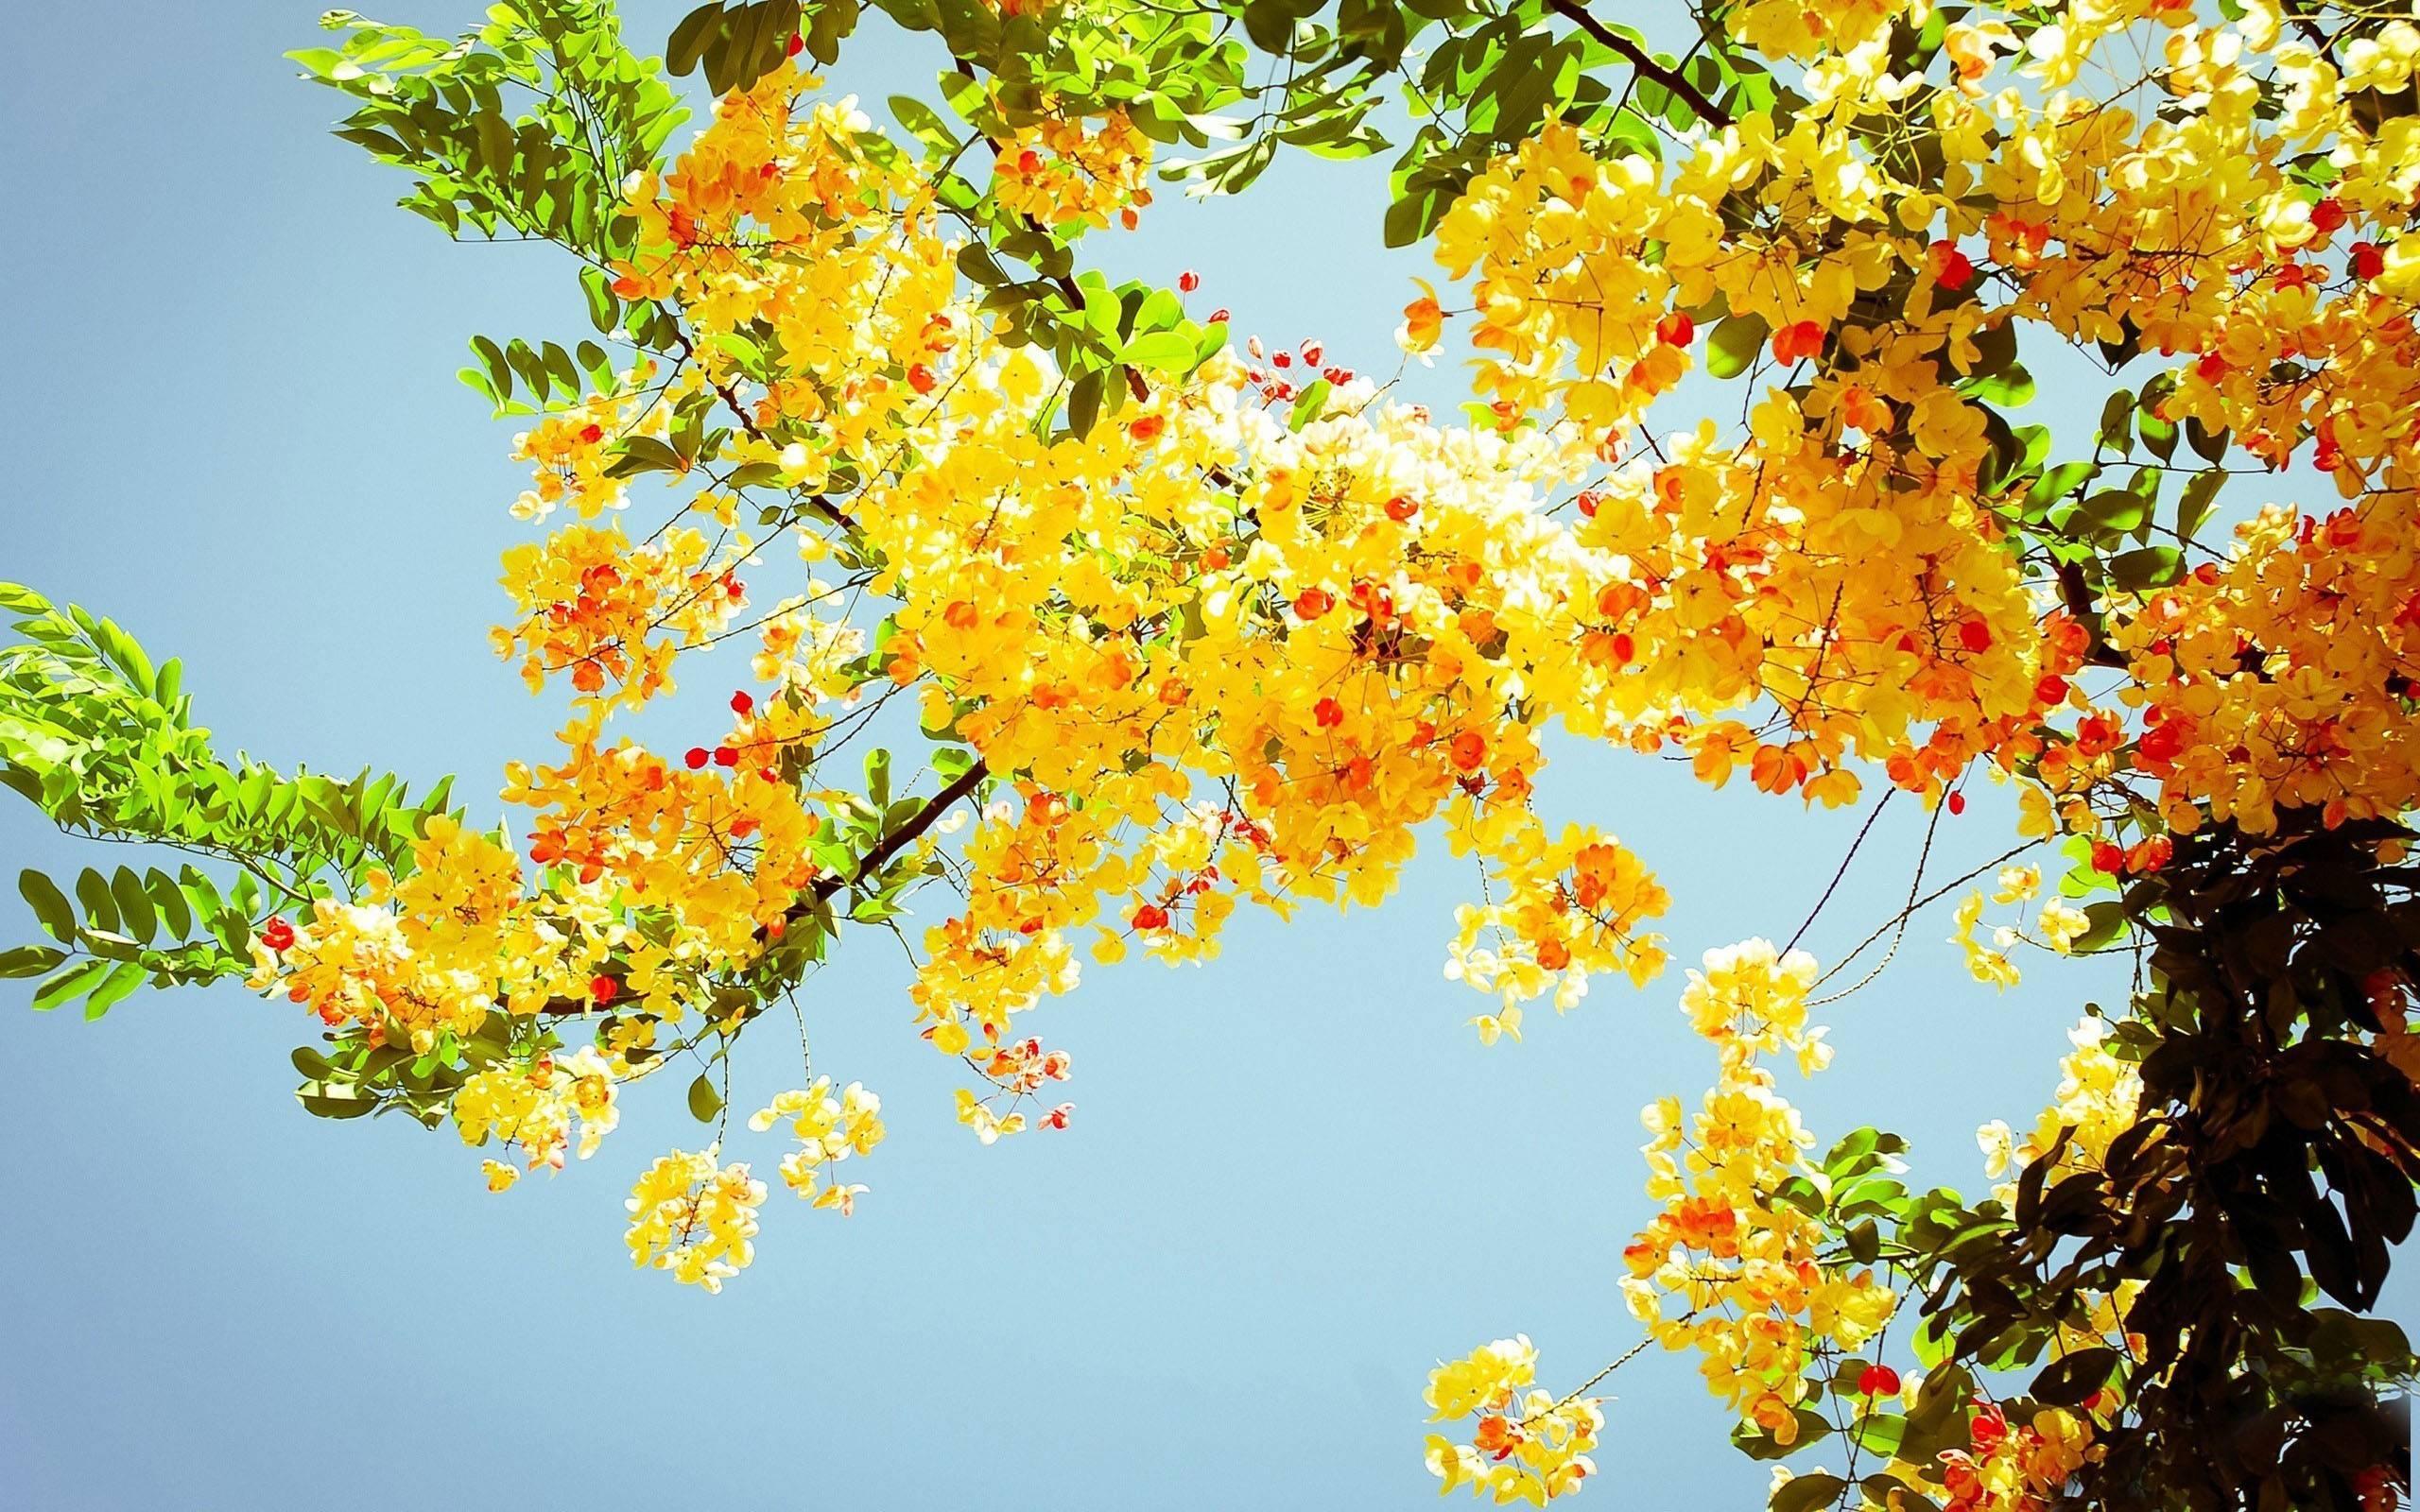 Summer flowers desktop background 9 Background Download